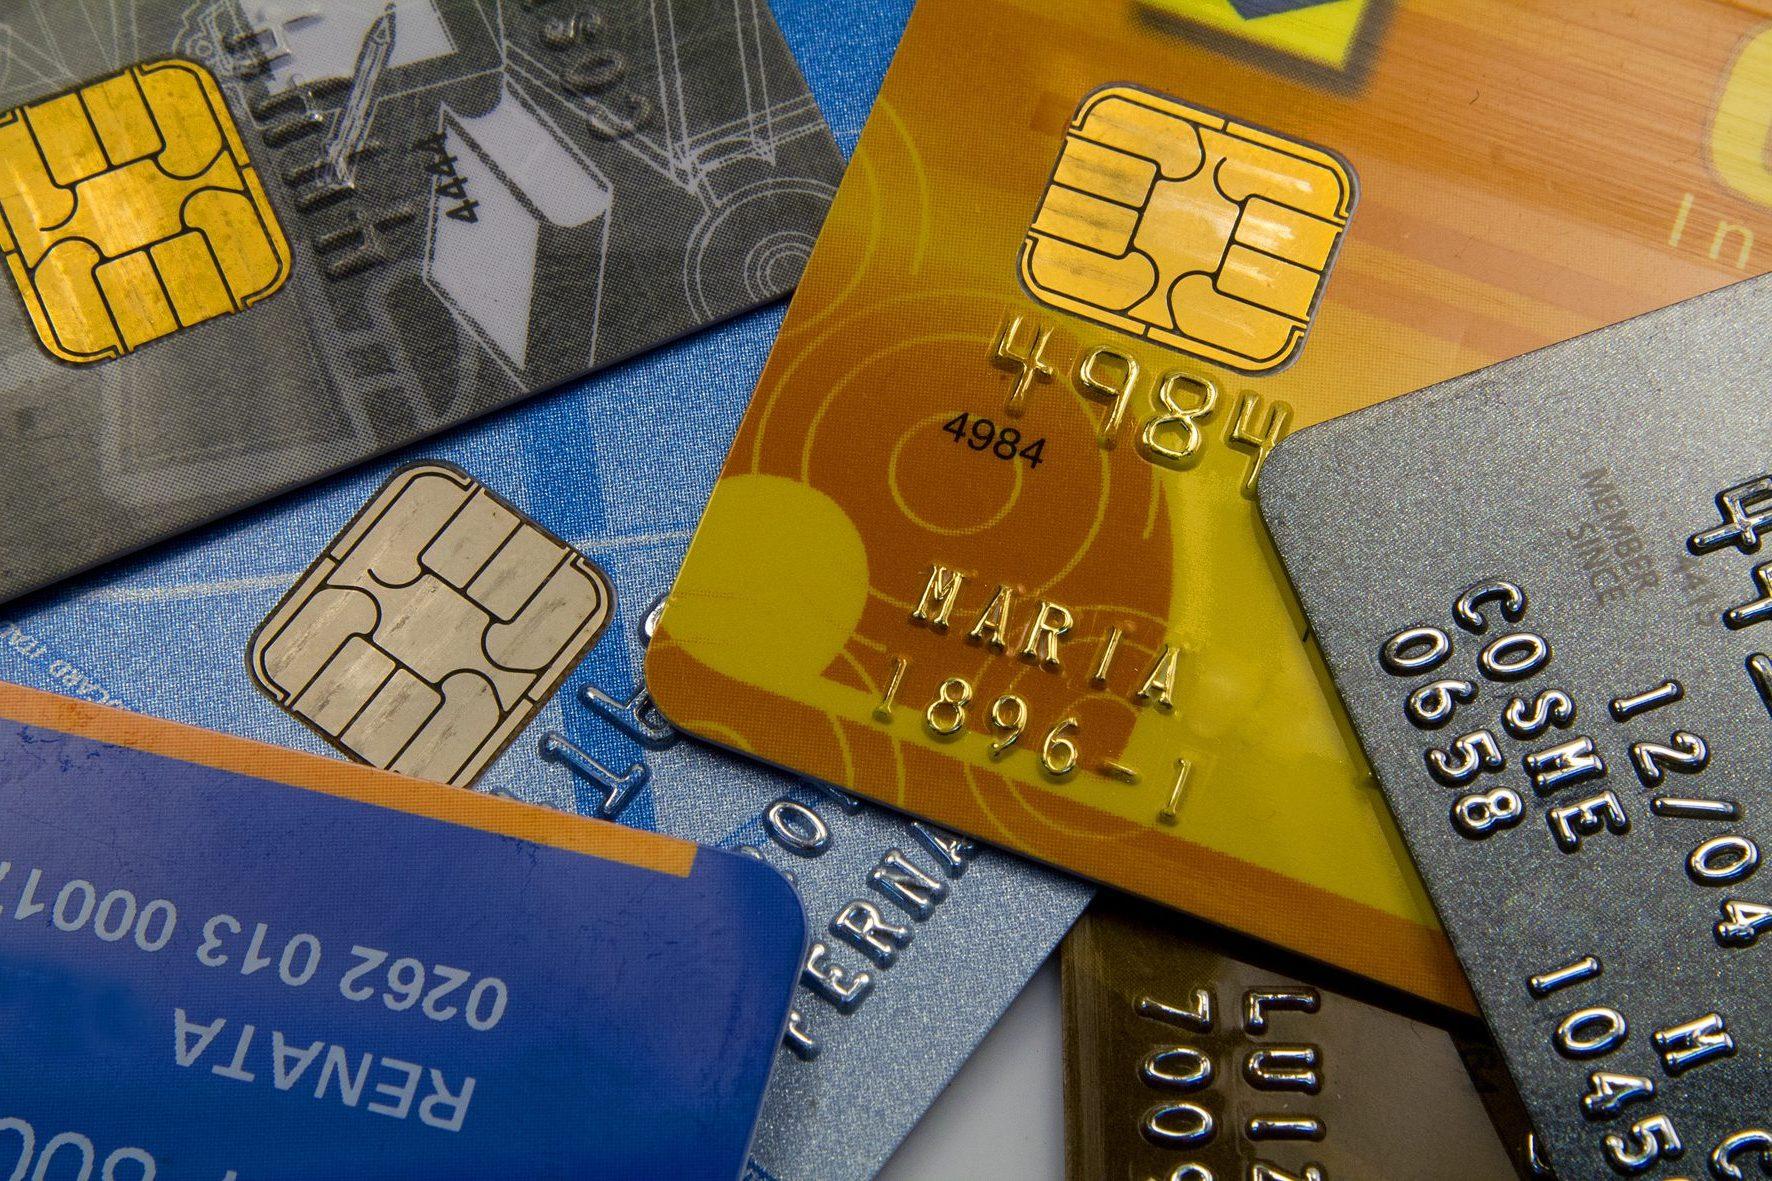 398c132755 Alta dos juros requer o uso adequado do cartão de crédito rotativo